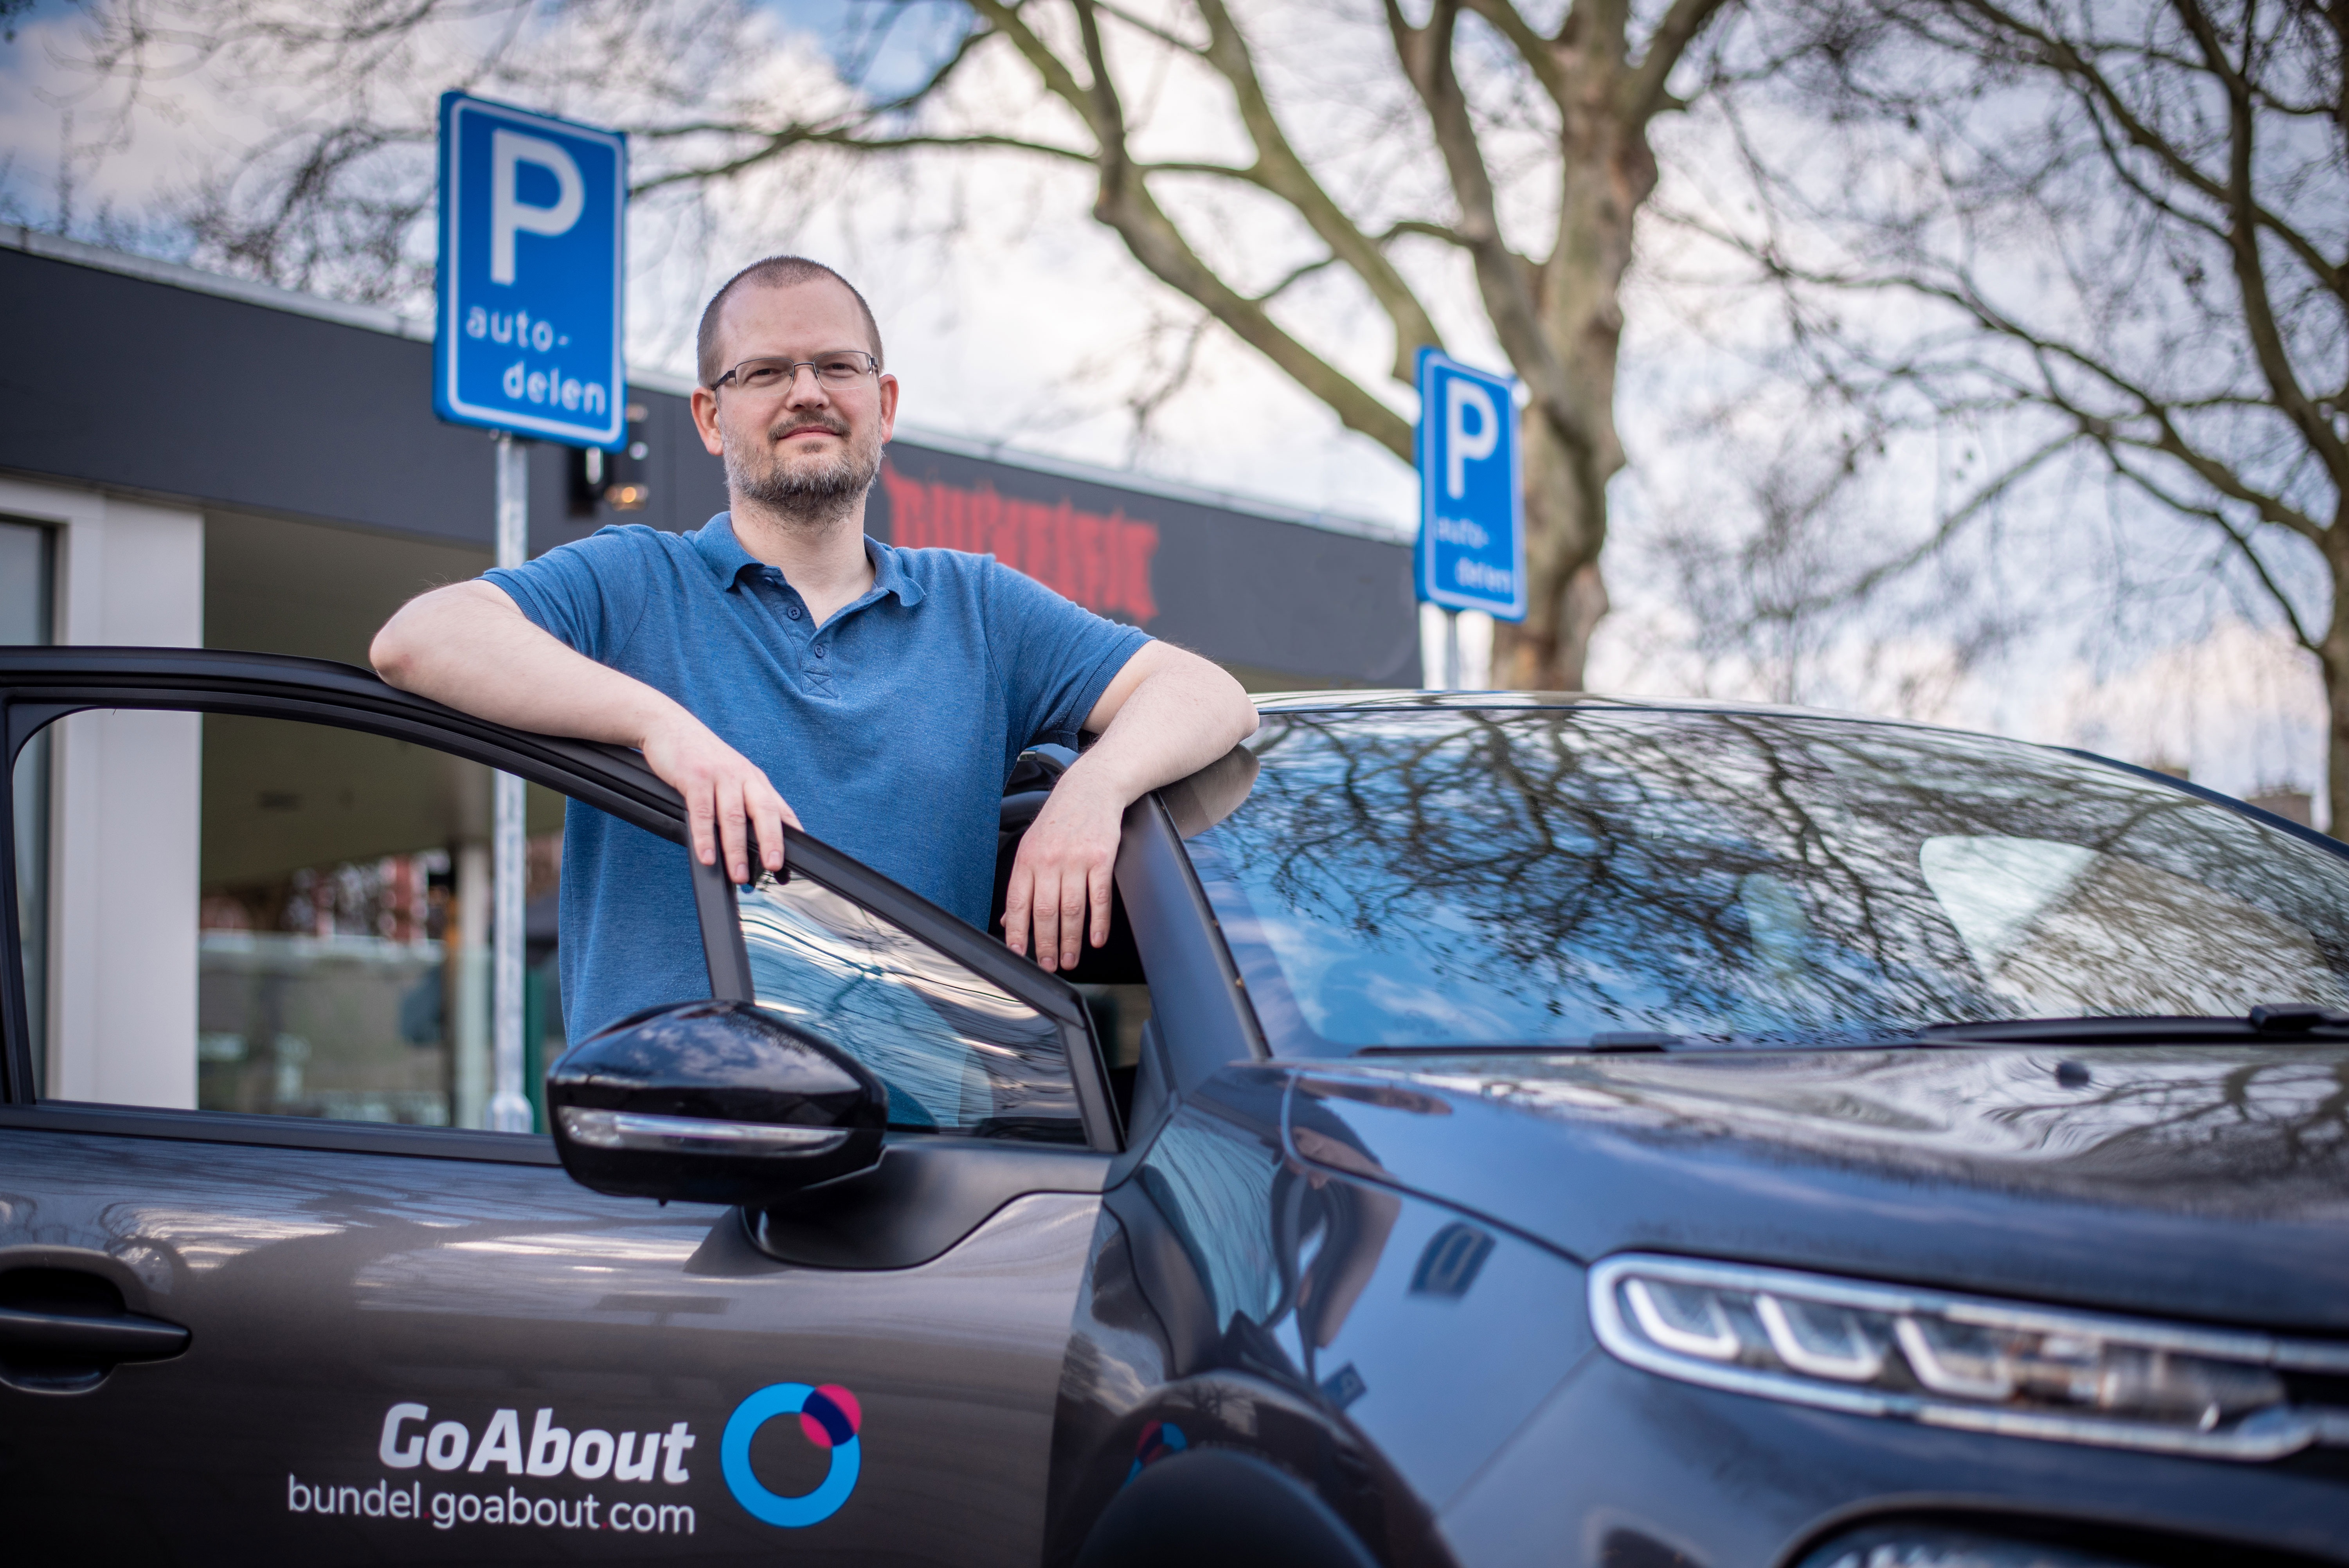 GoAbout Bundel Deelauto gebruiker bij auto